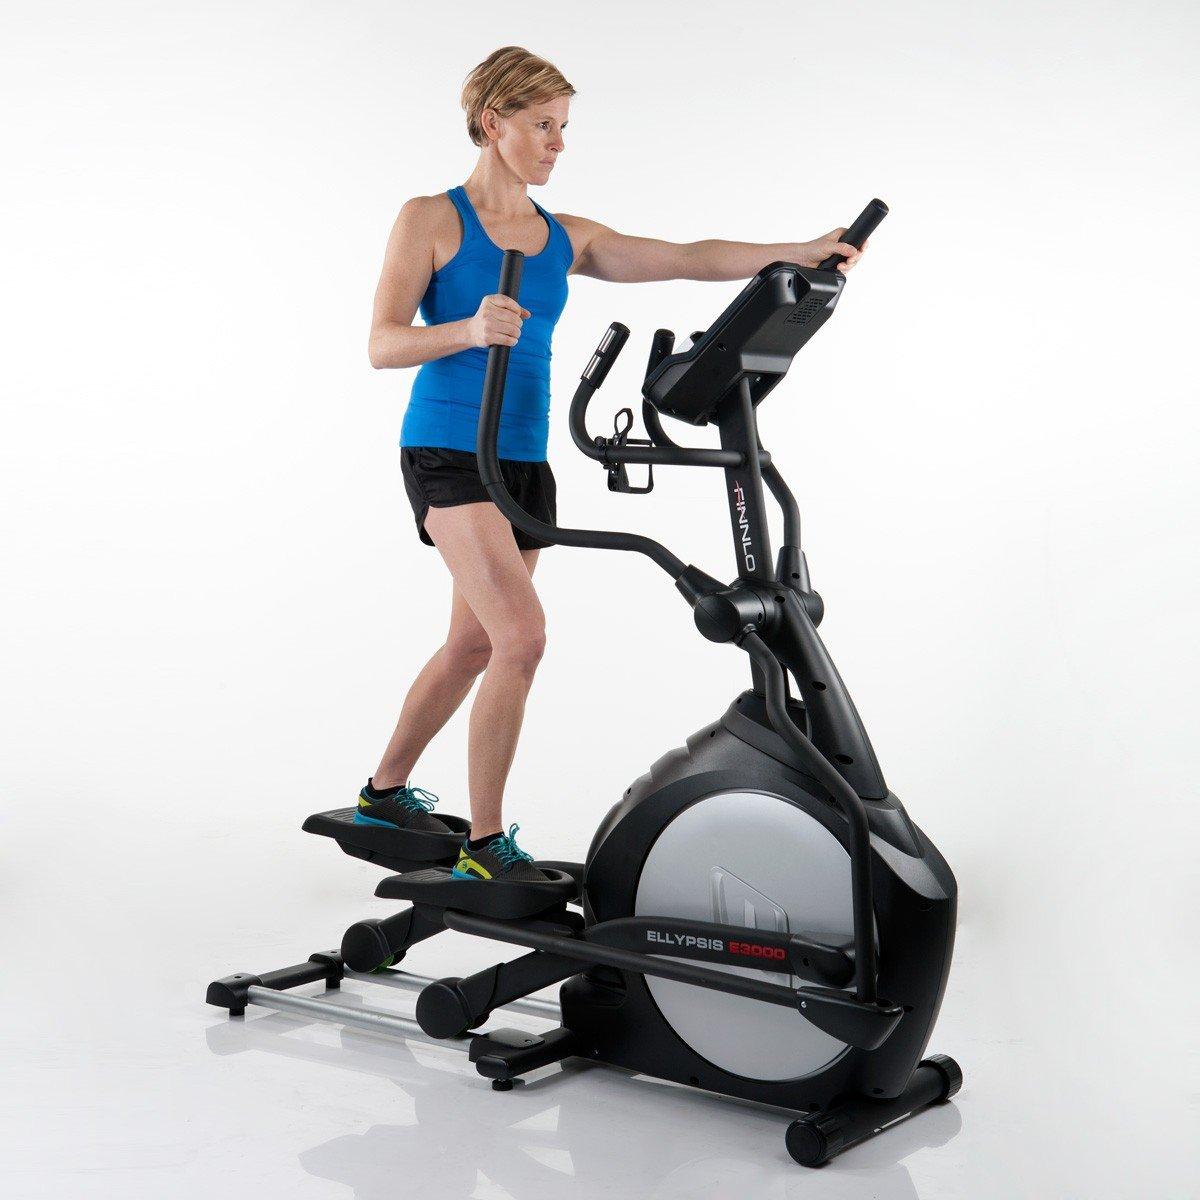 Finnlo Bicicleta Elíptica Ellypsis Sole XTR: Amazon.es: Deportes y aire libre